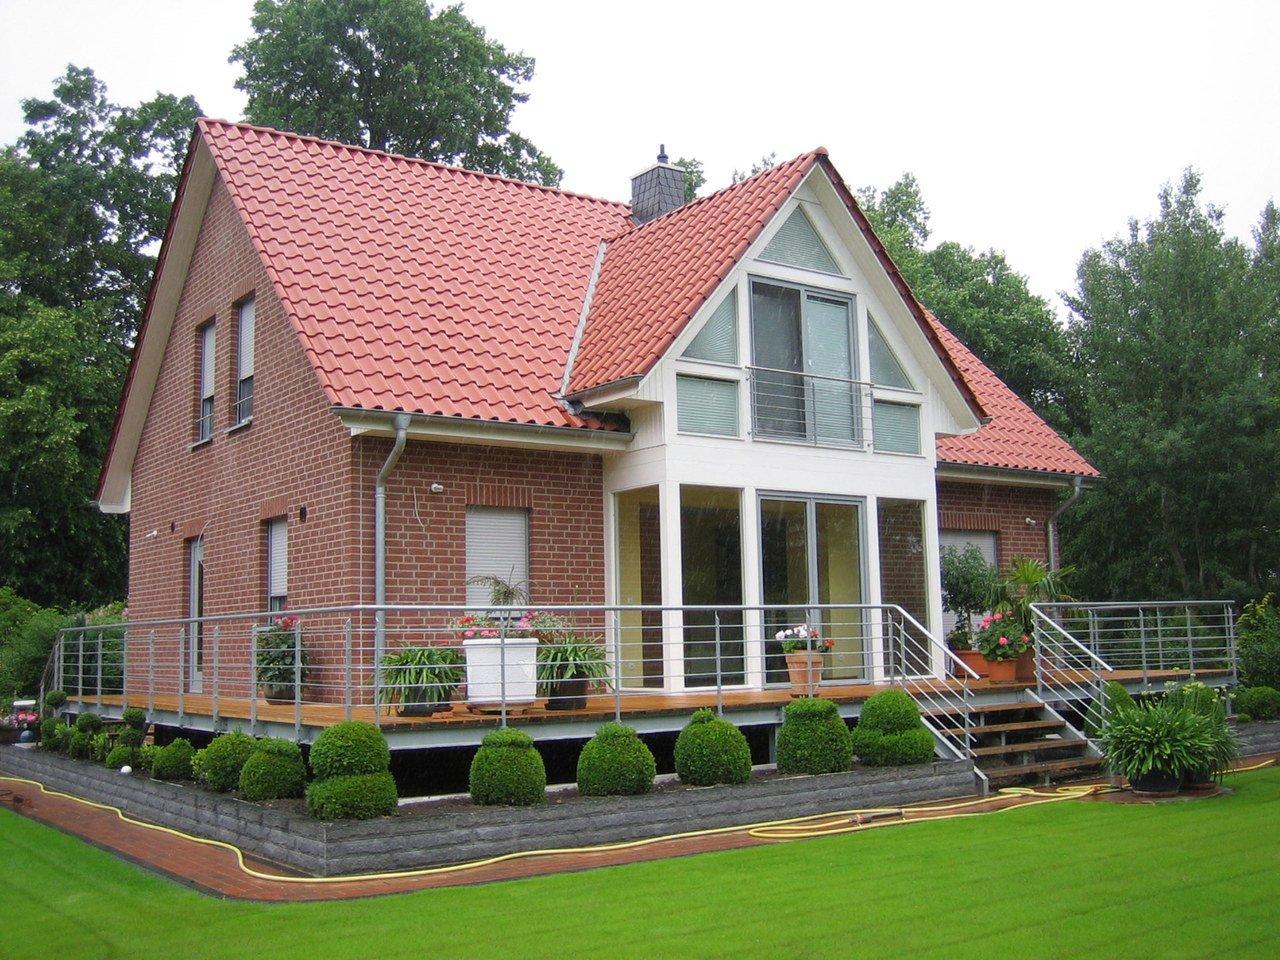 Rossa Bauunternehmen Referenzhaus 2